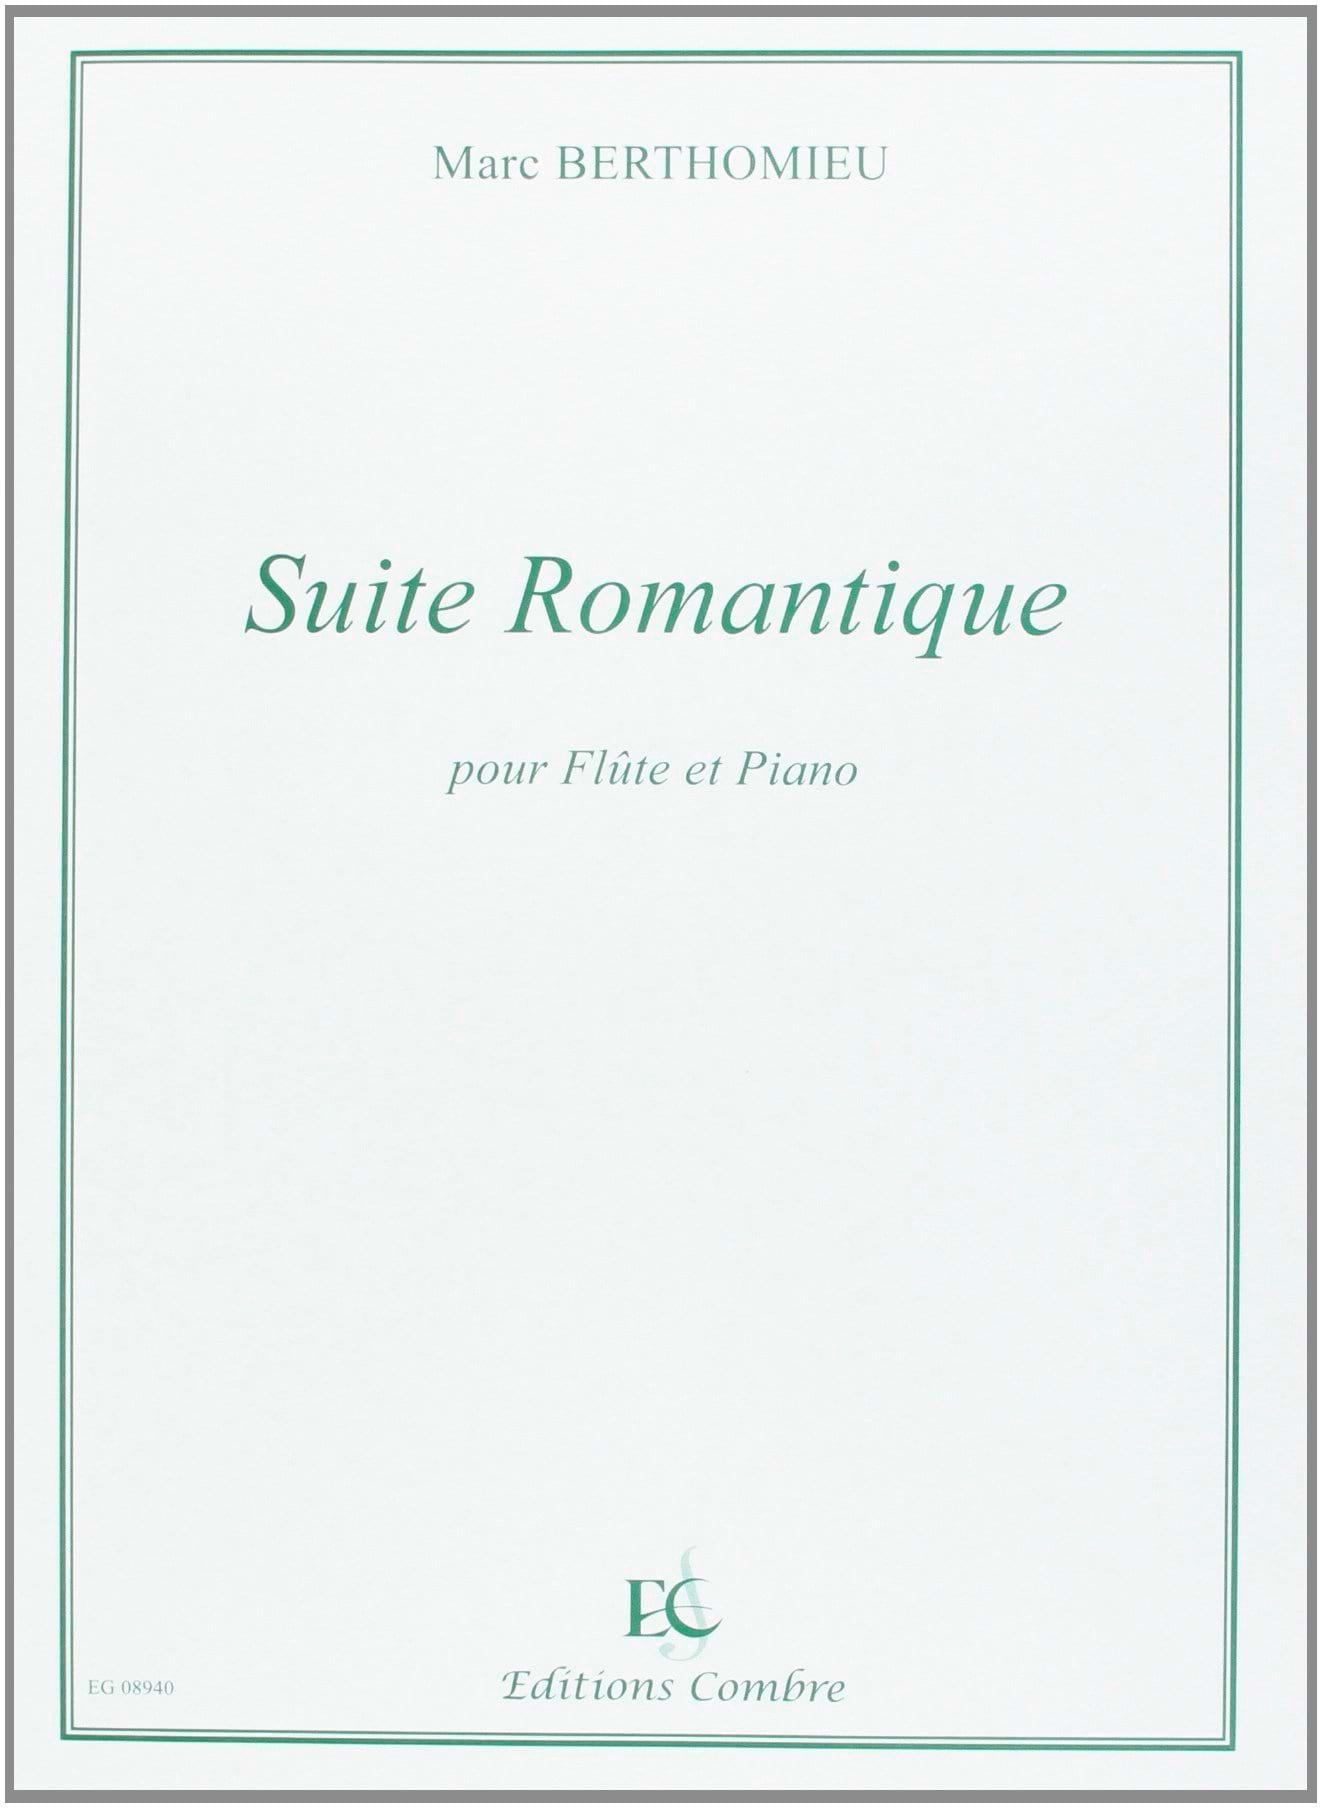 Marc Berthomieu - Suite romantique - Partition - di-arezzo.fr